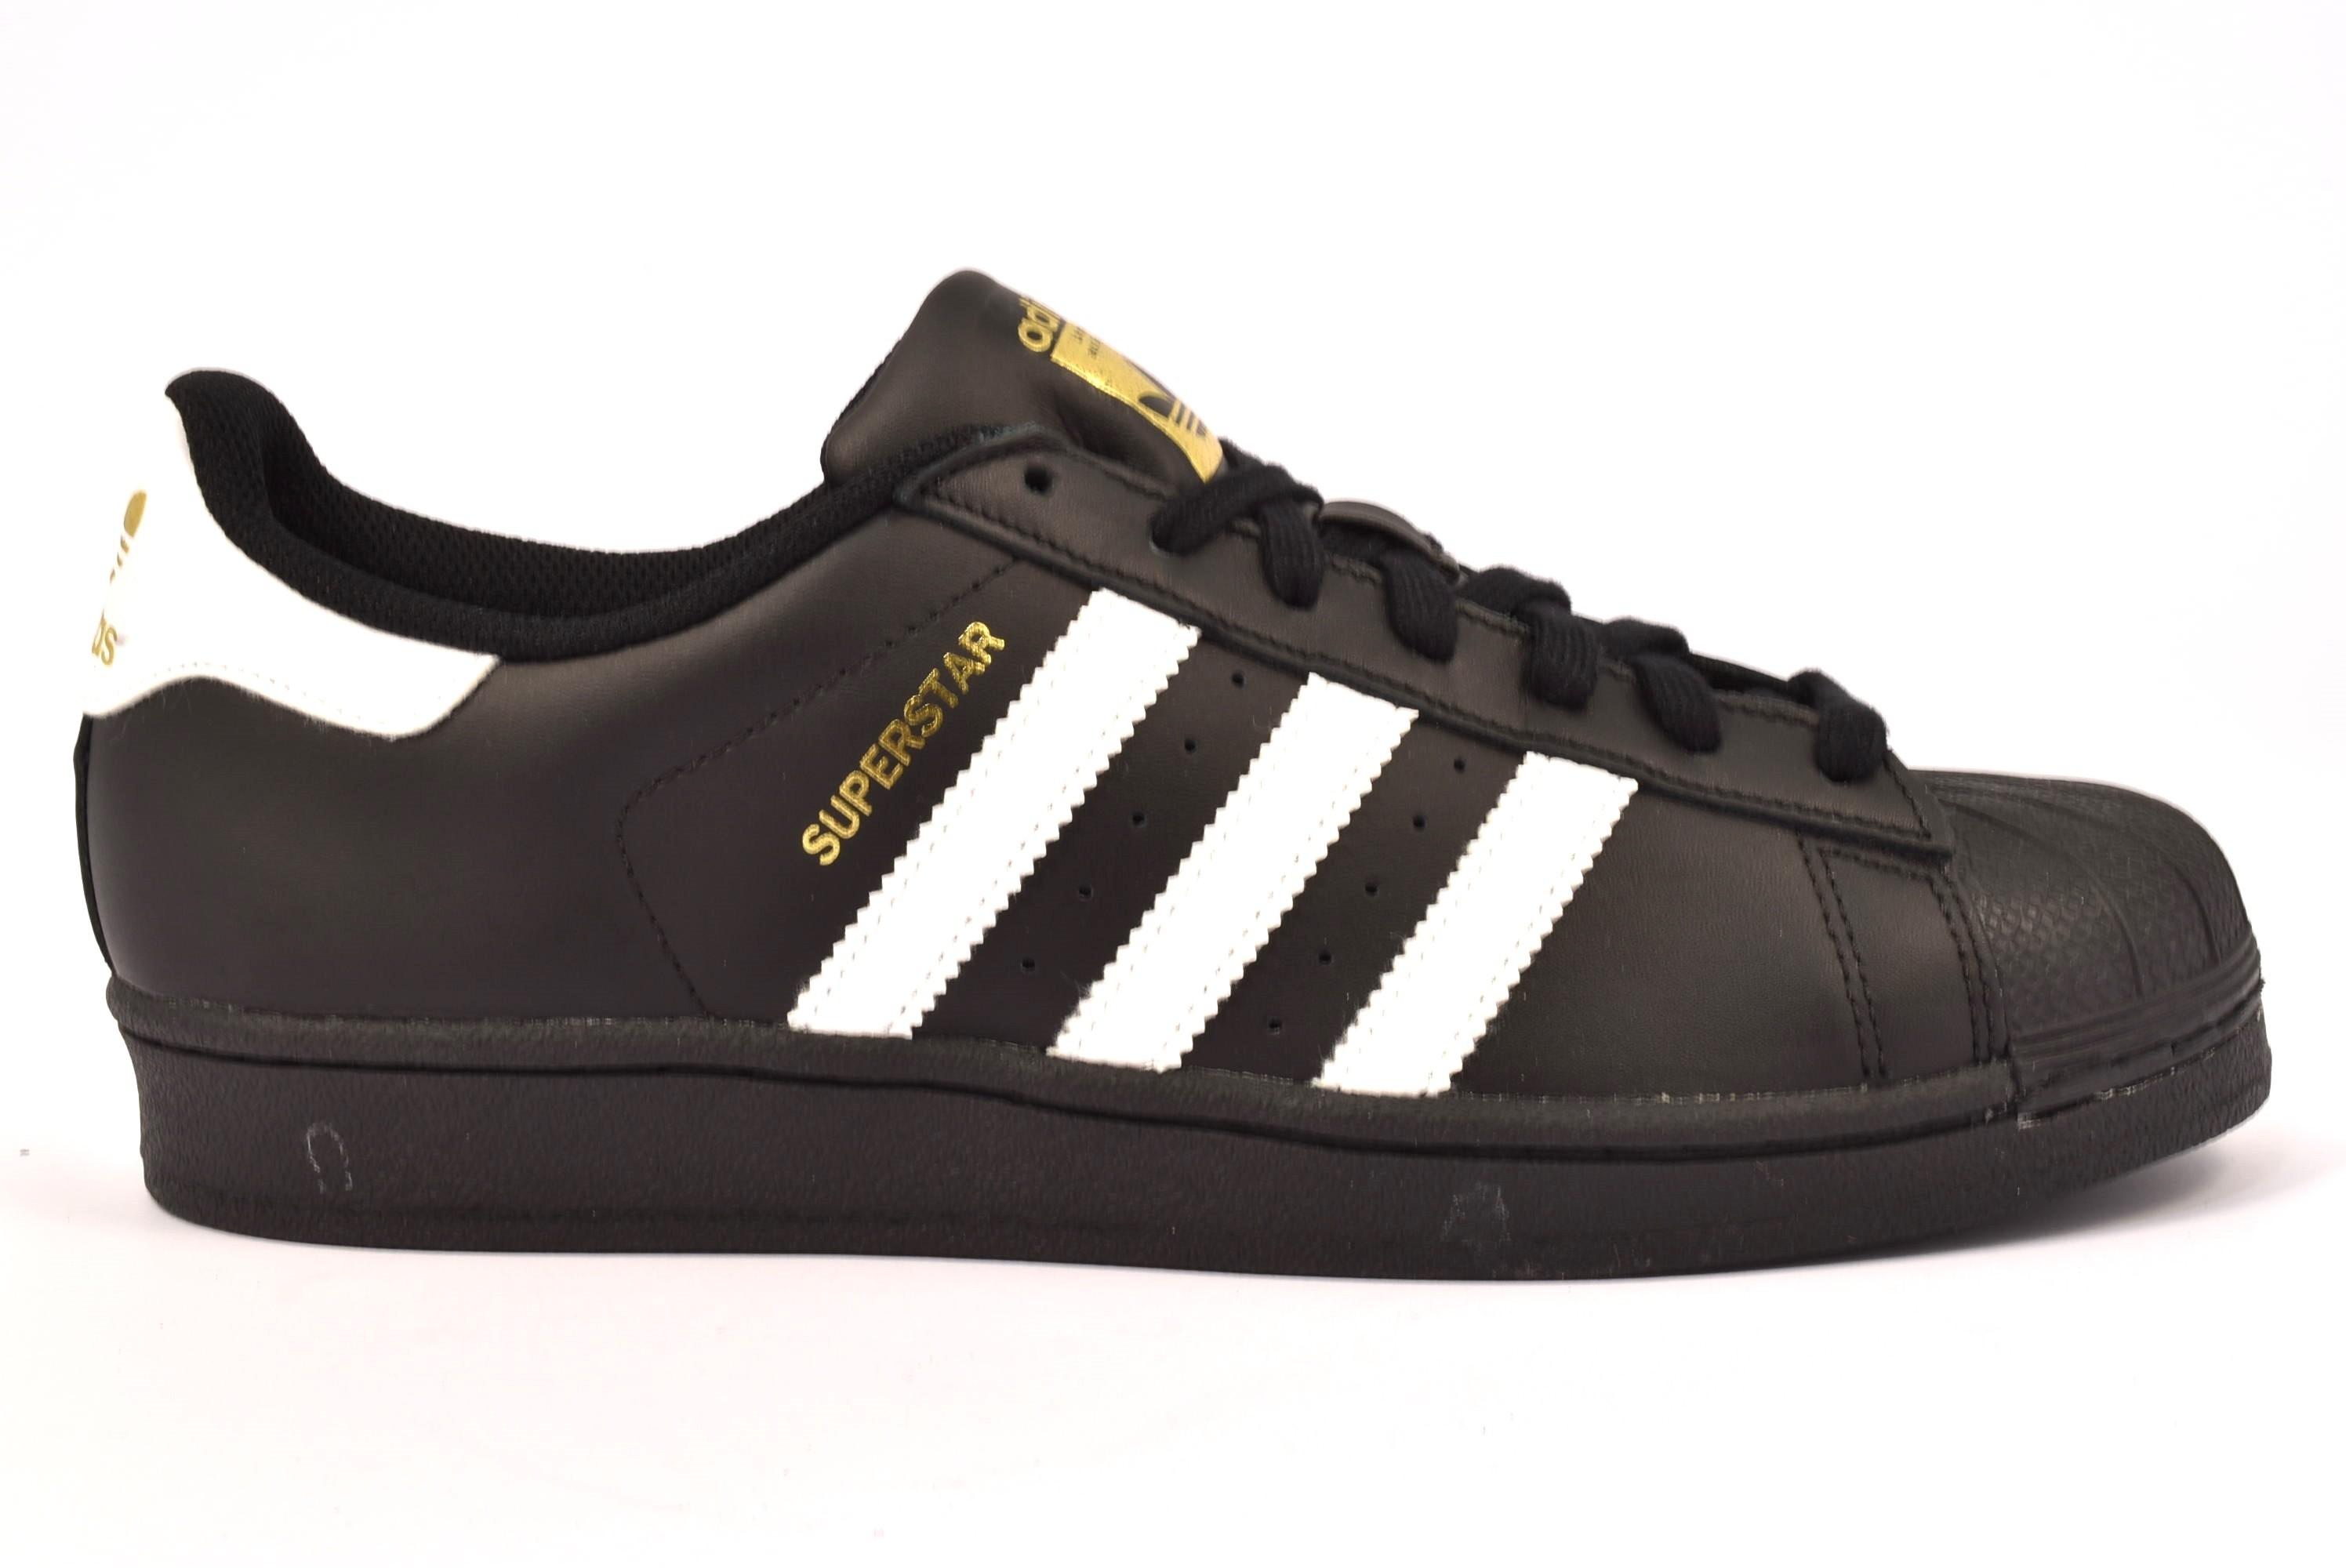 Adidas Superstar Glossy Toe BB0684 Sneakers Pelle Uomo Donna Basse Nero Nuova Collezione 2017